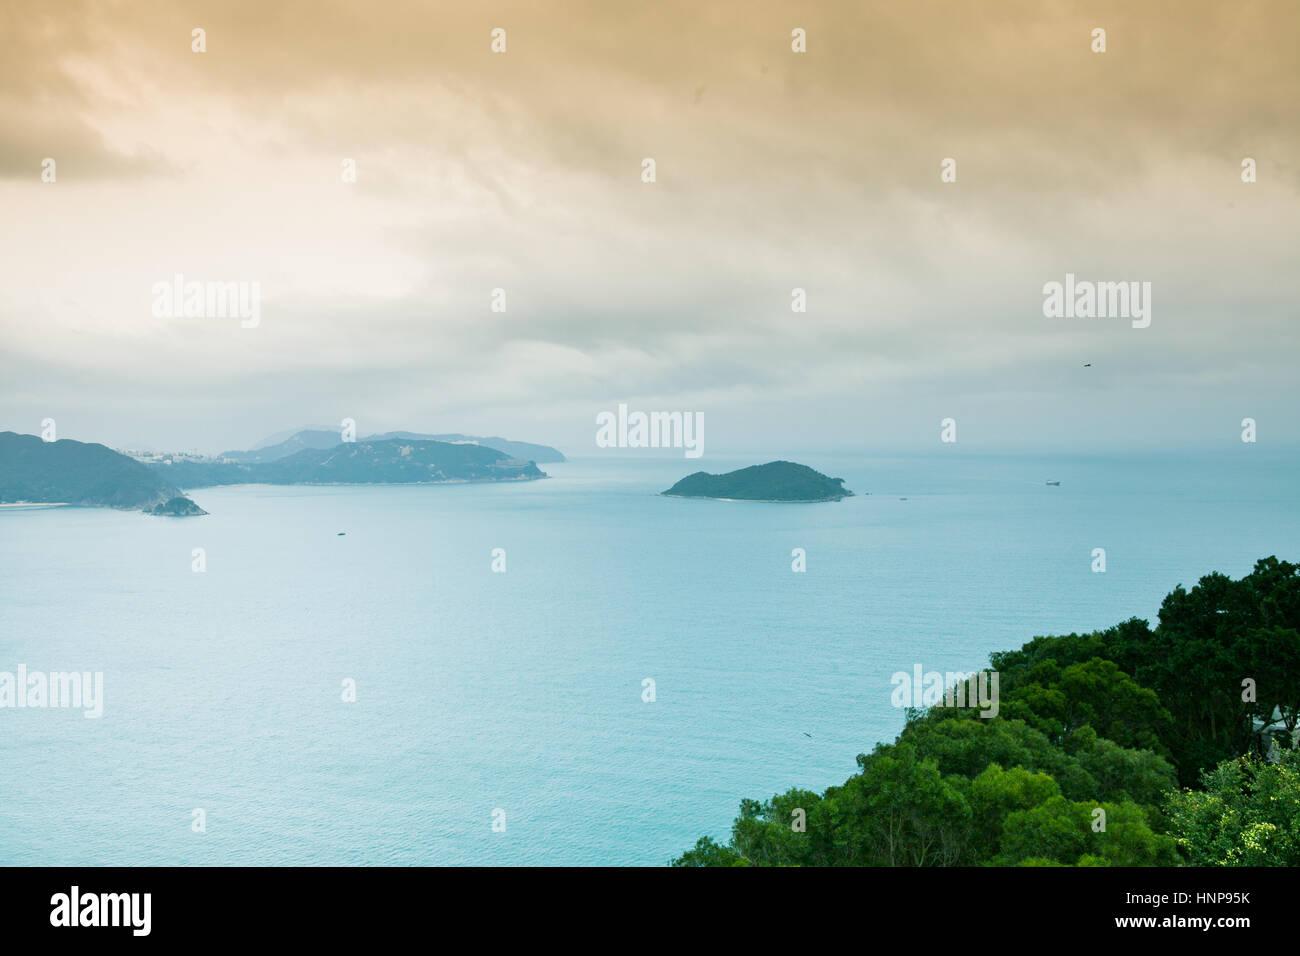 South China Sea landscape, Hong Kong. - Stock Image